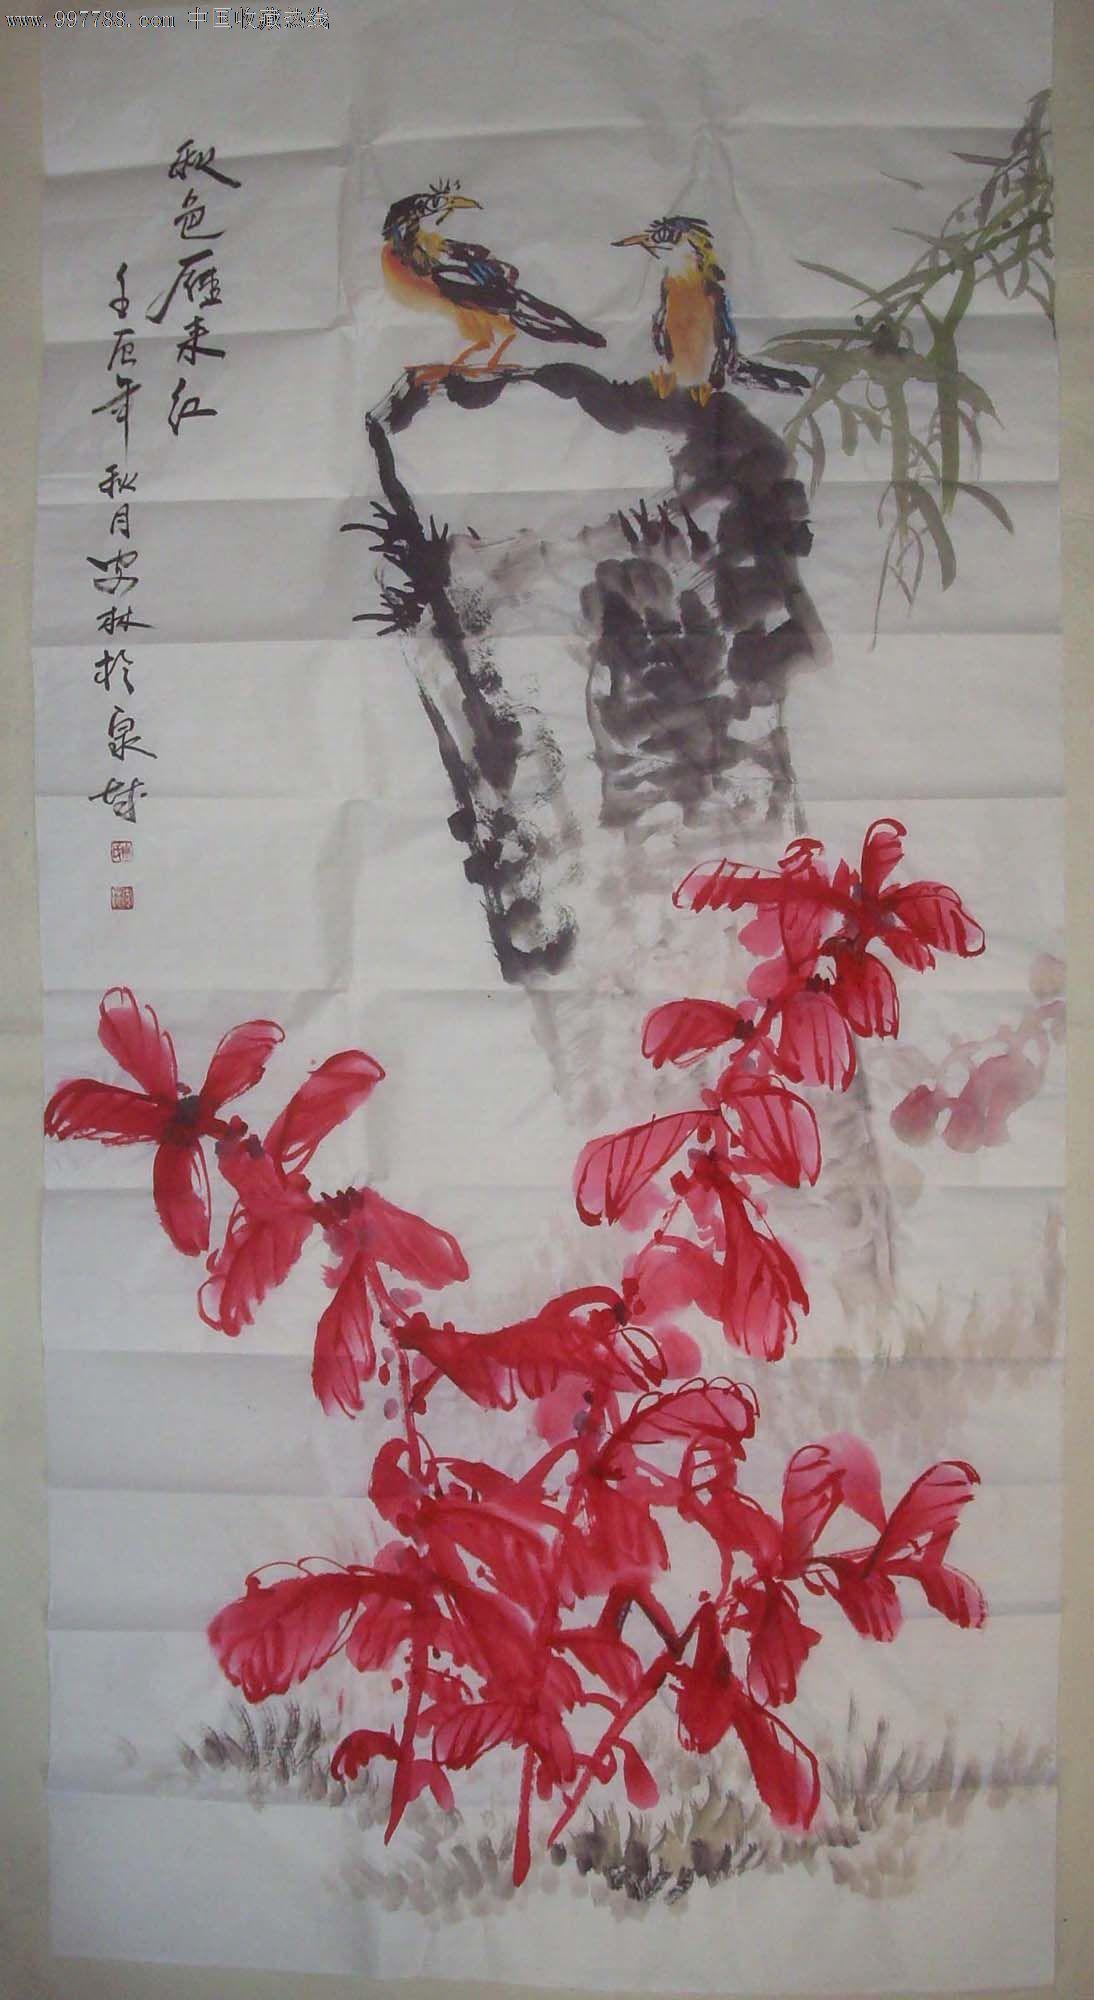 周安林:秋色雁来红